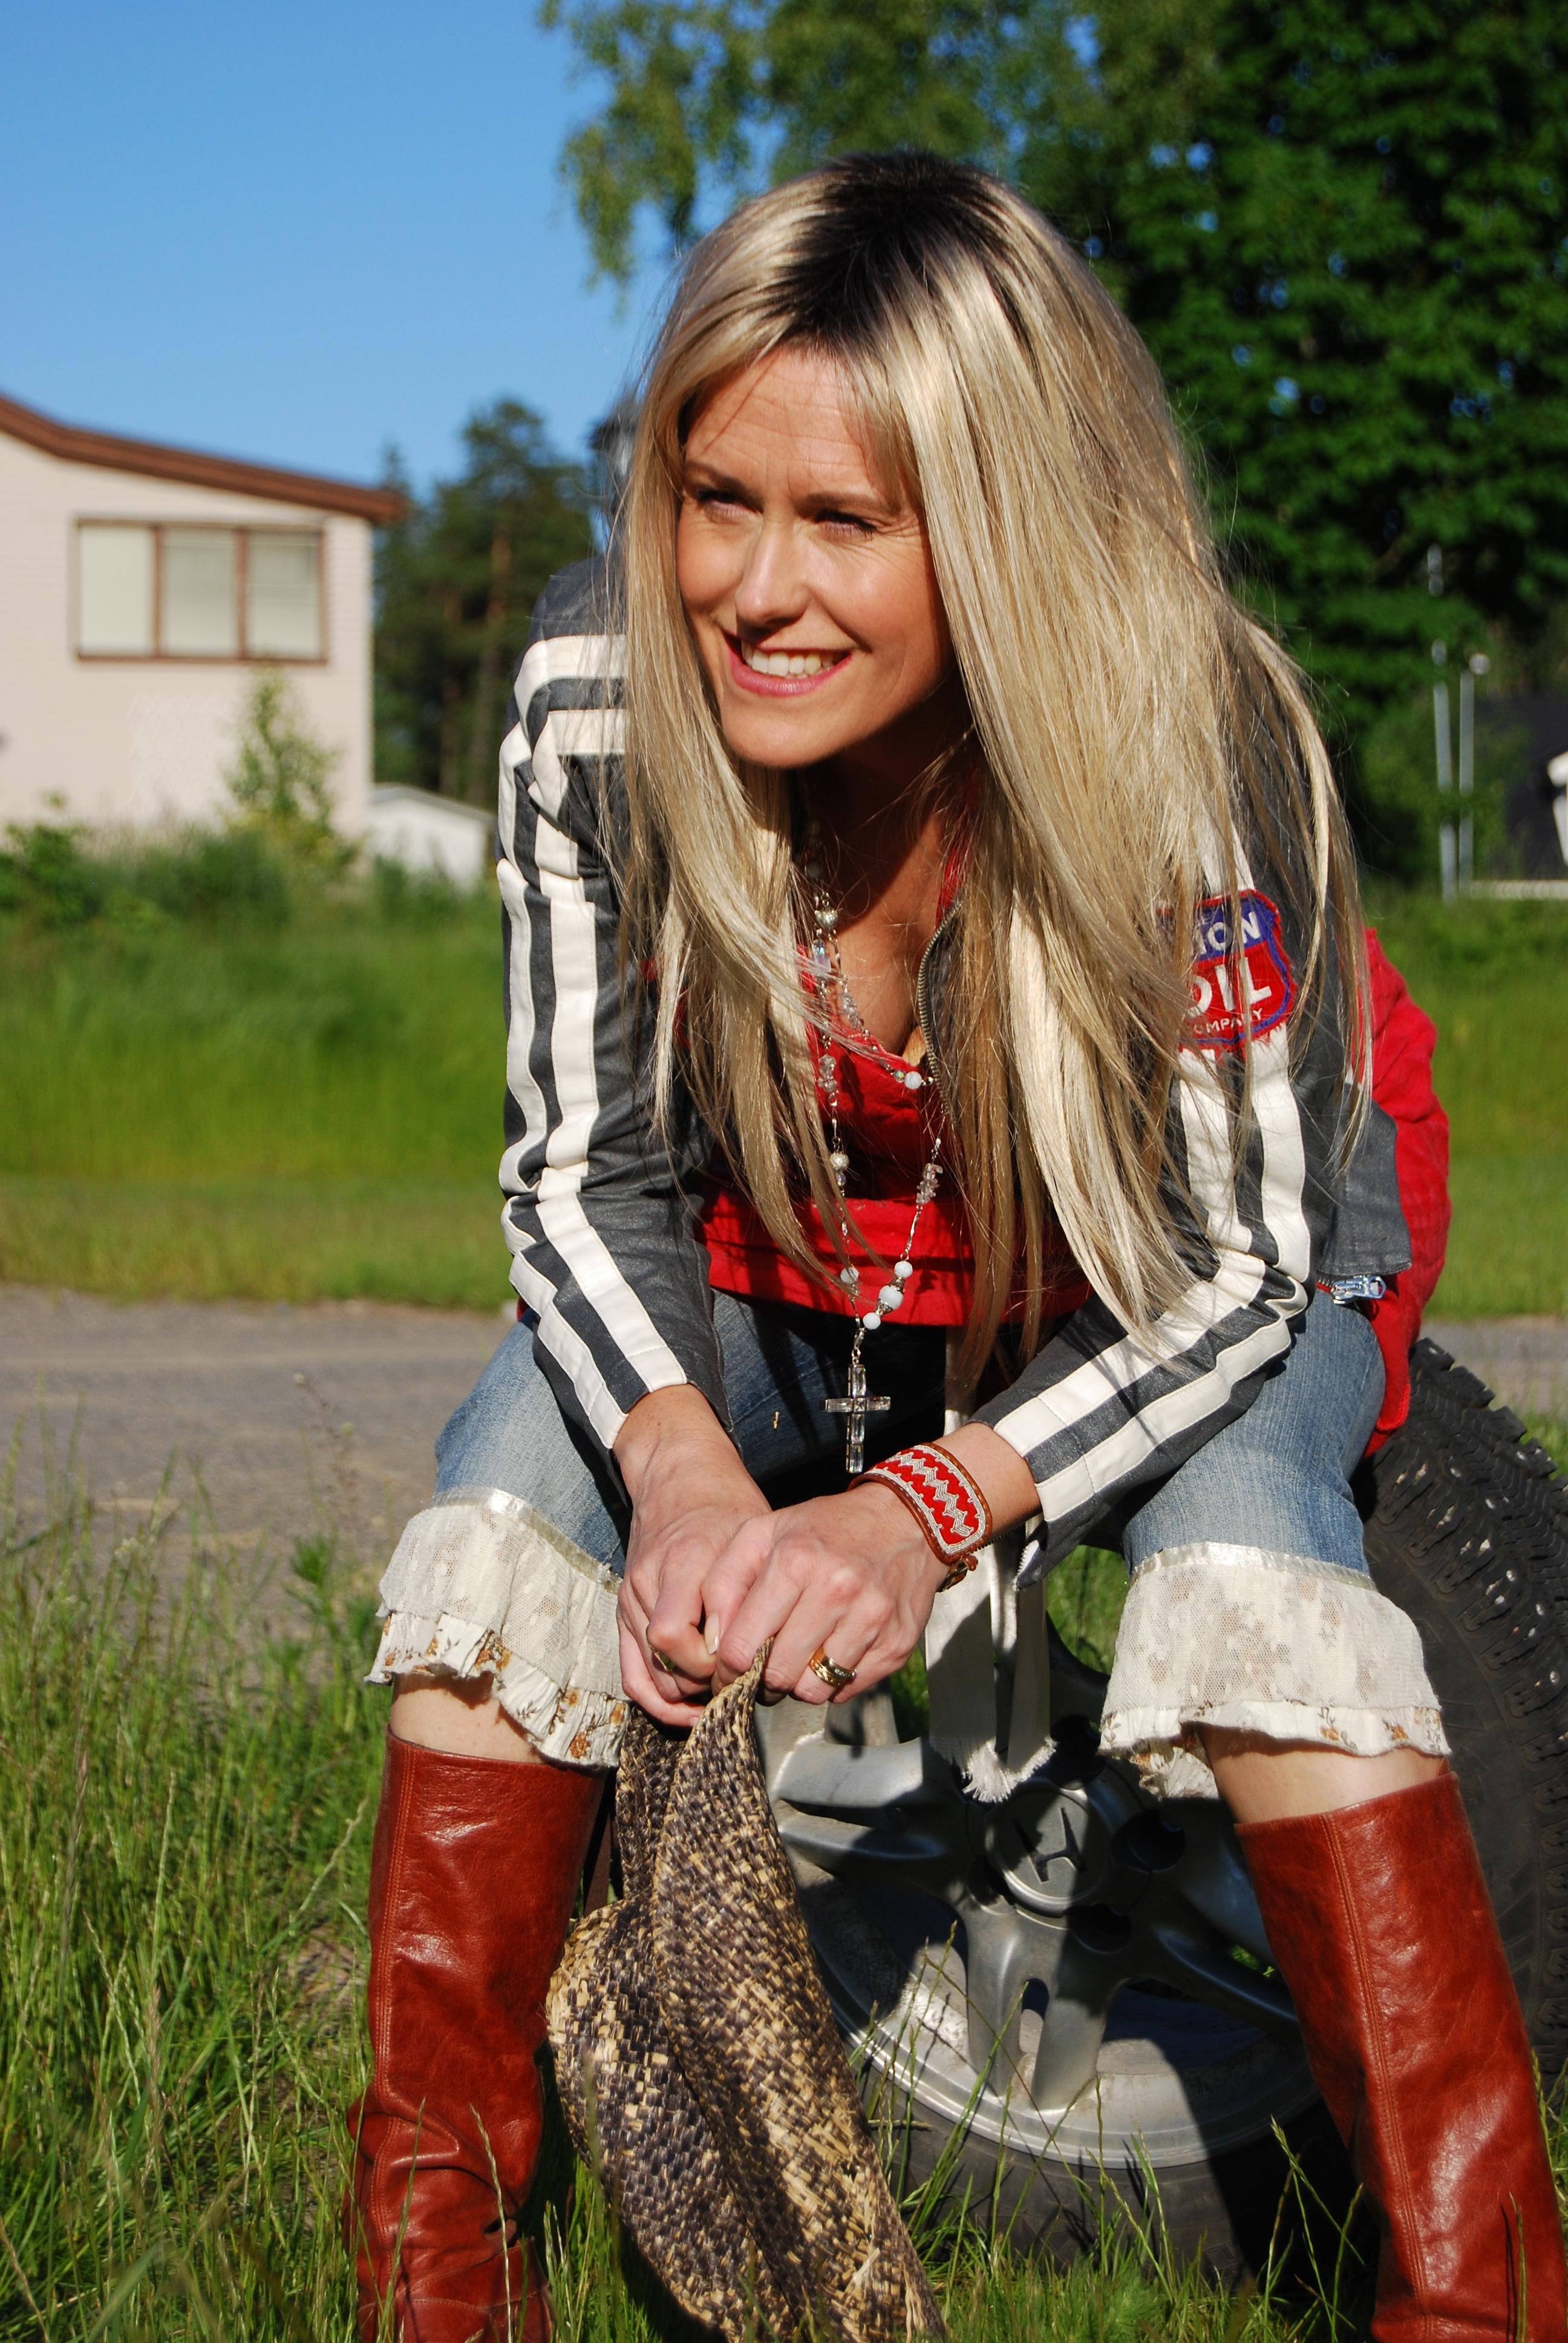 Annika ljungberg har andrat livsstil